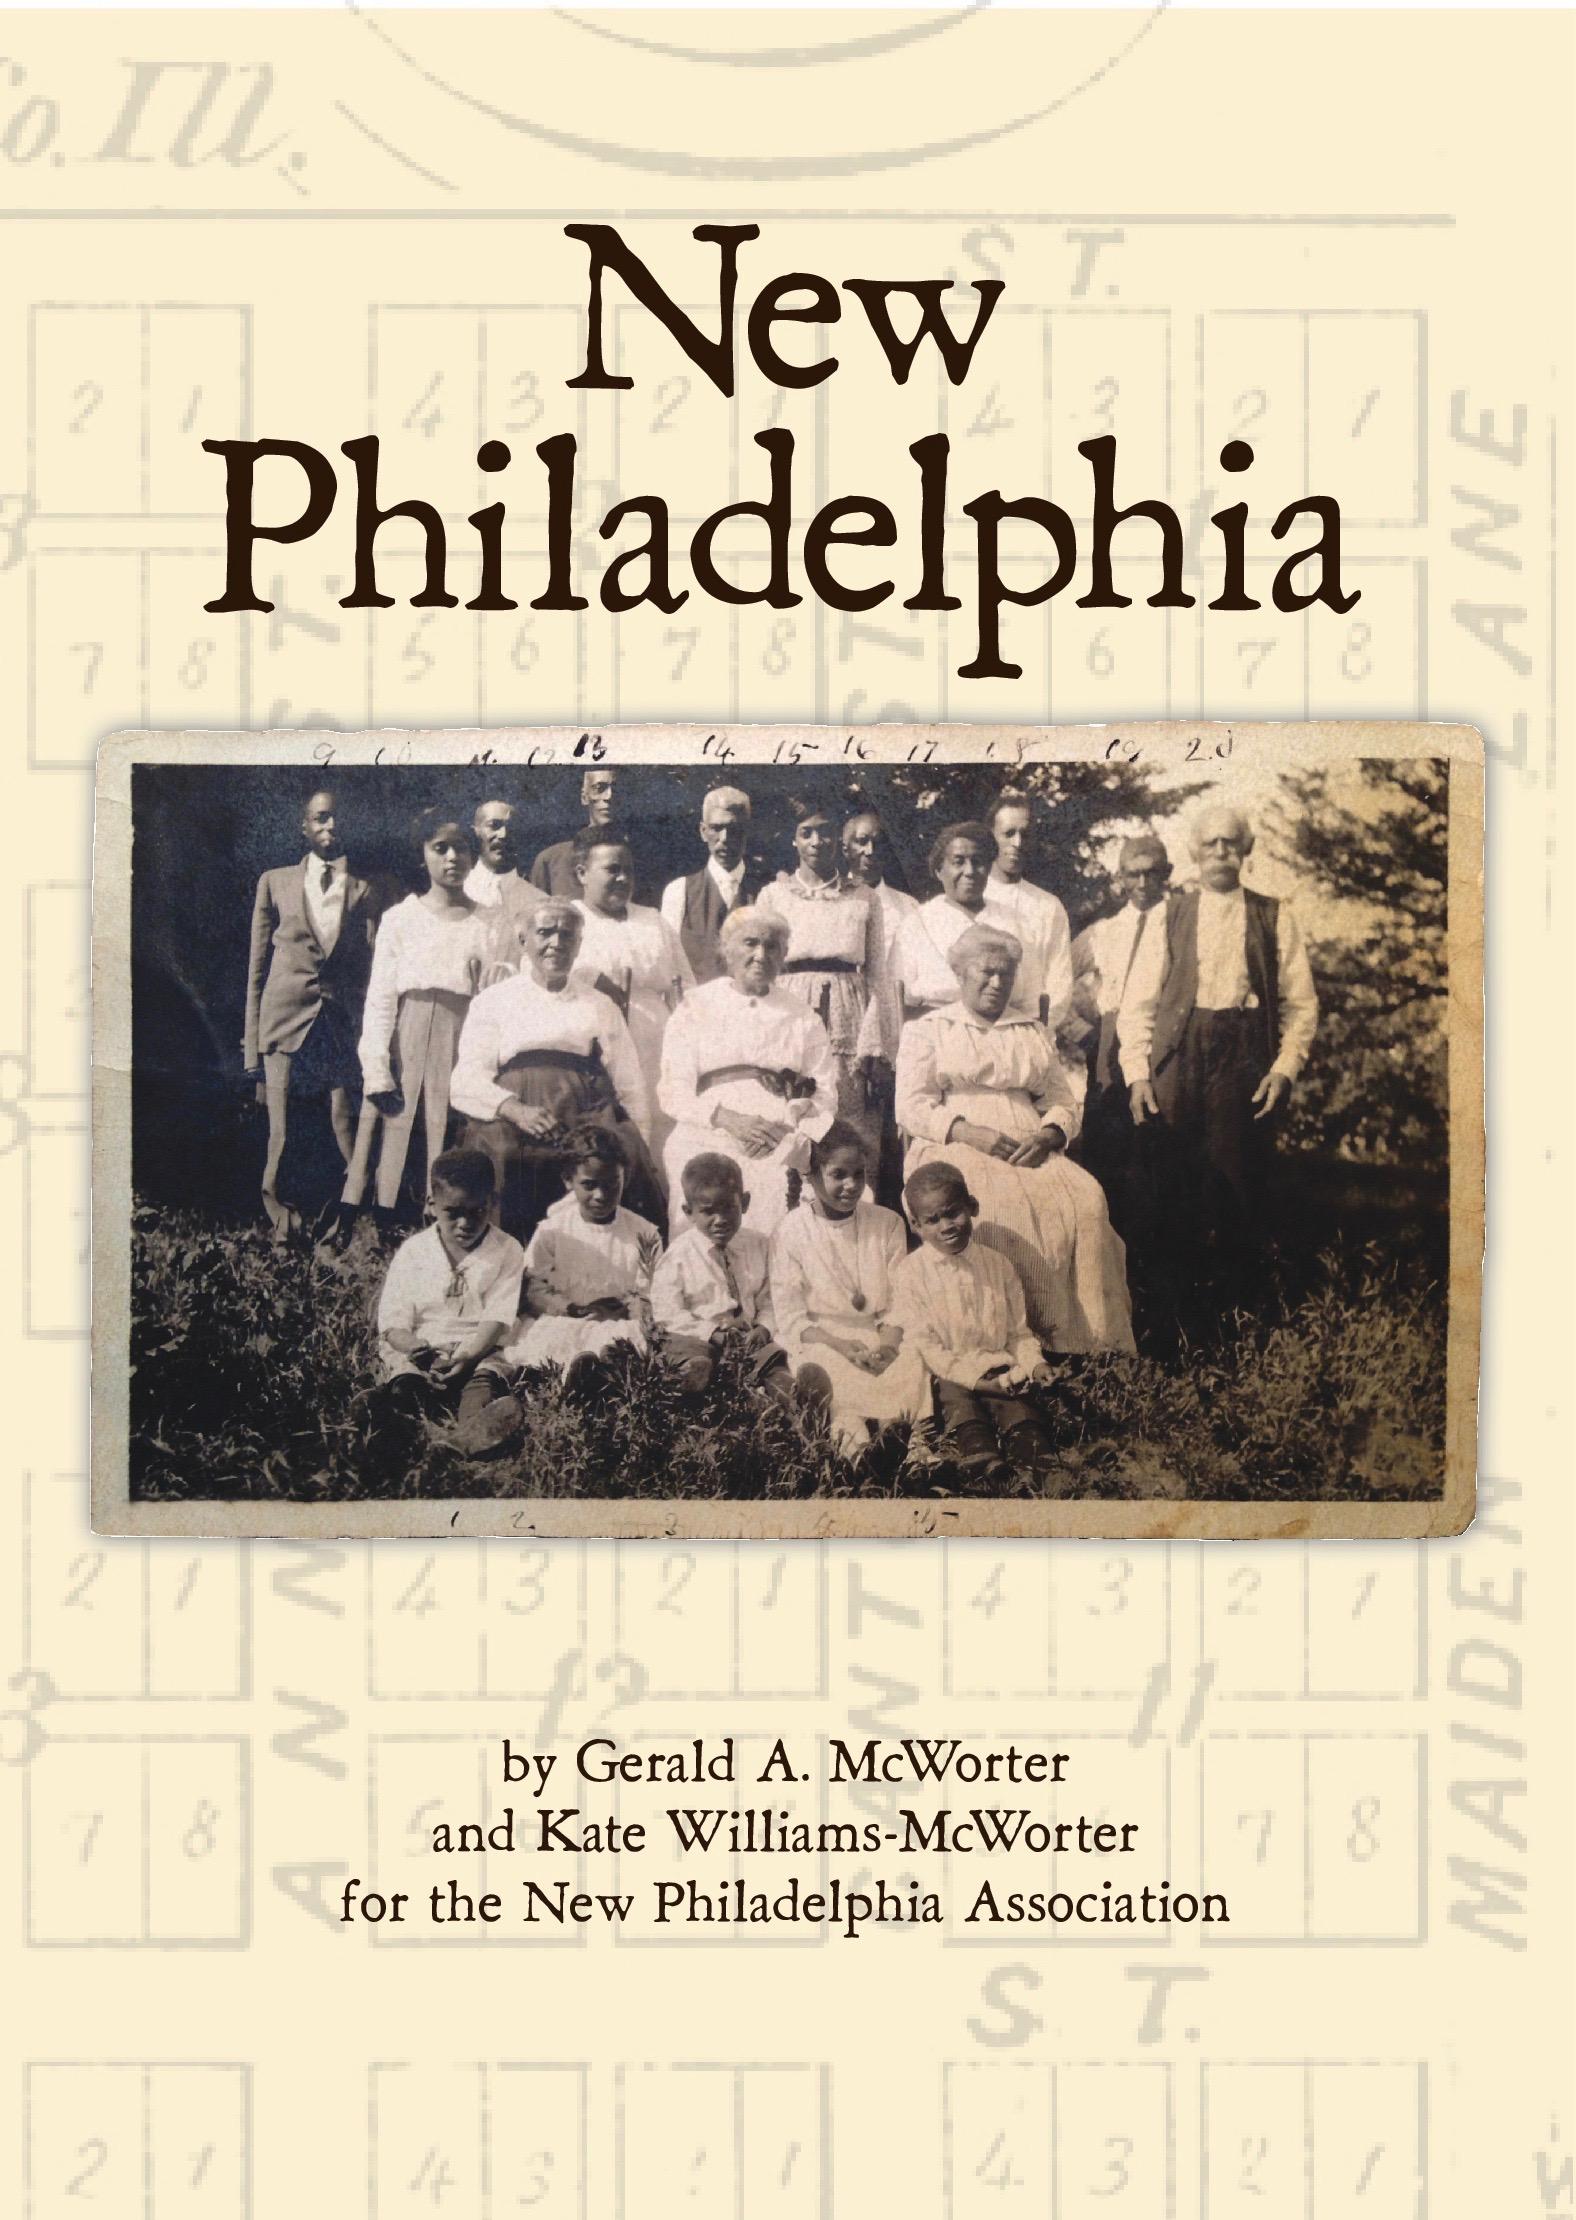 New Philadelphia 00001-2.jpeg